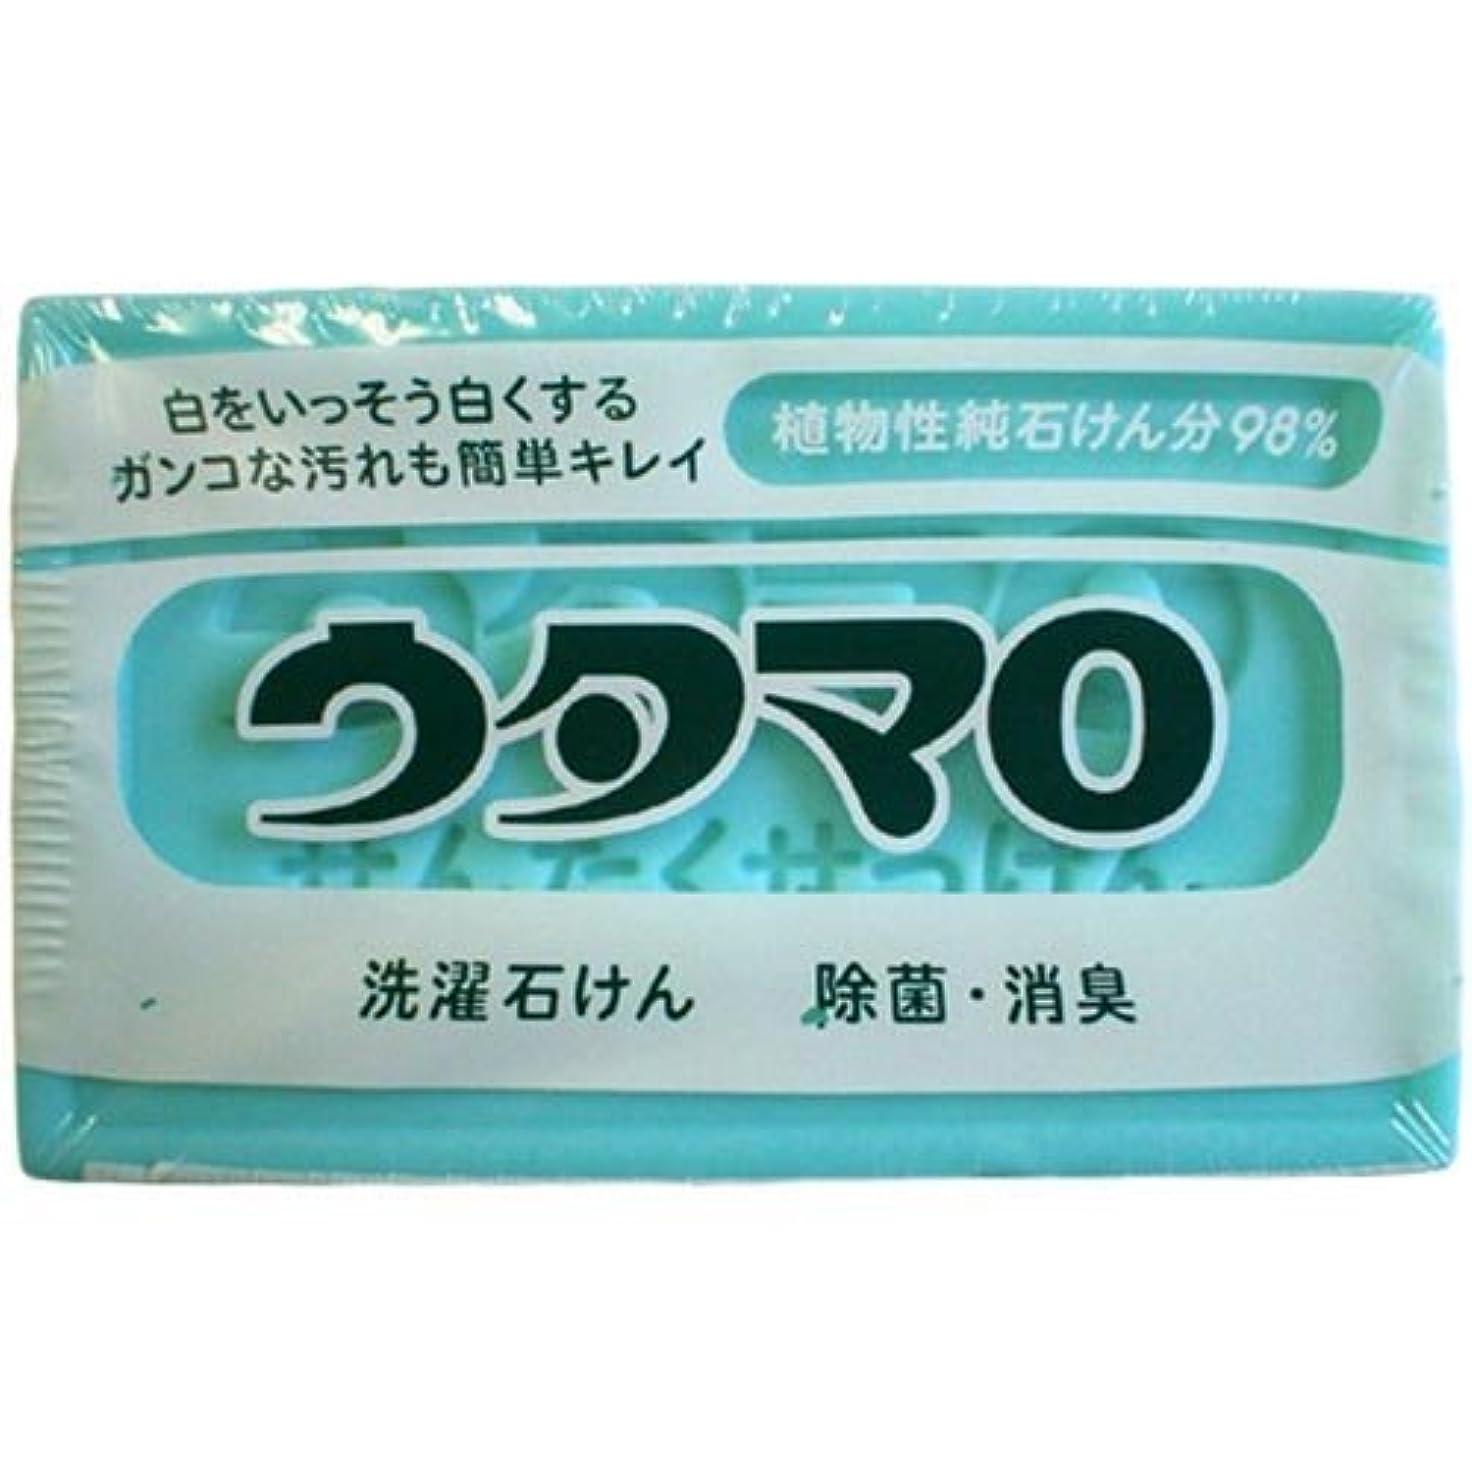 原因イノセンスグラディス東邦 ウタマロ マホー石鹸 3個セット TO-SE3